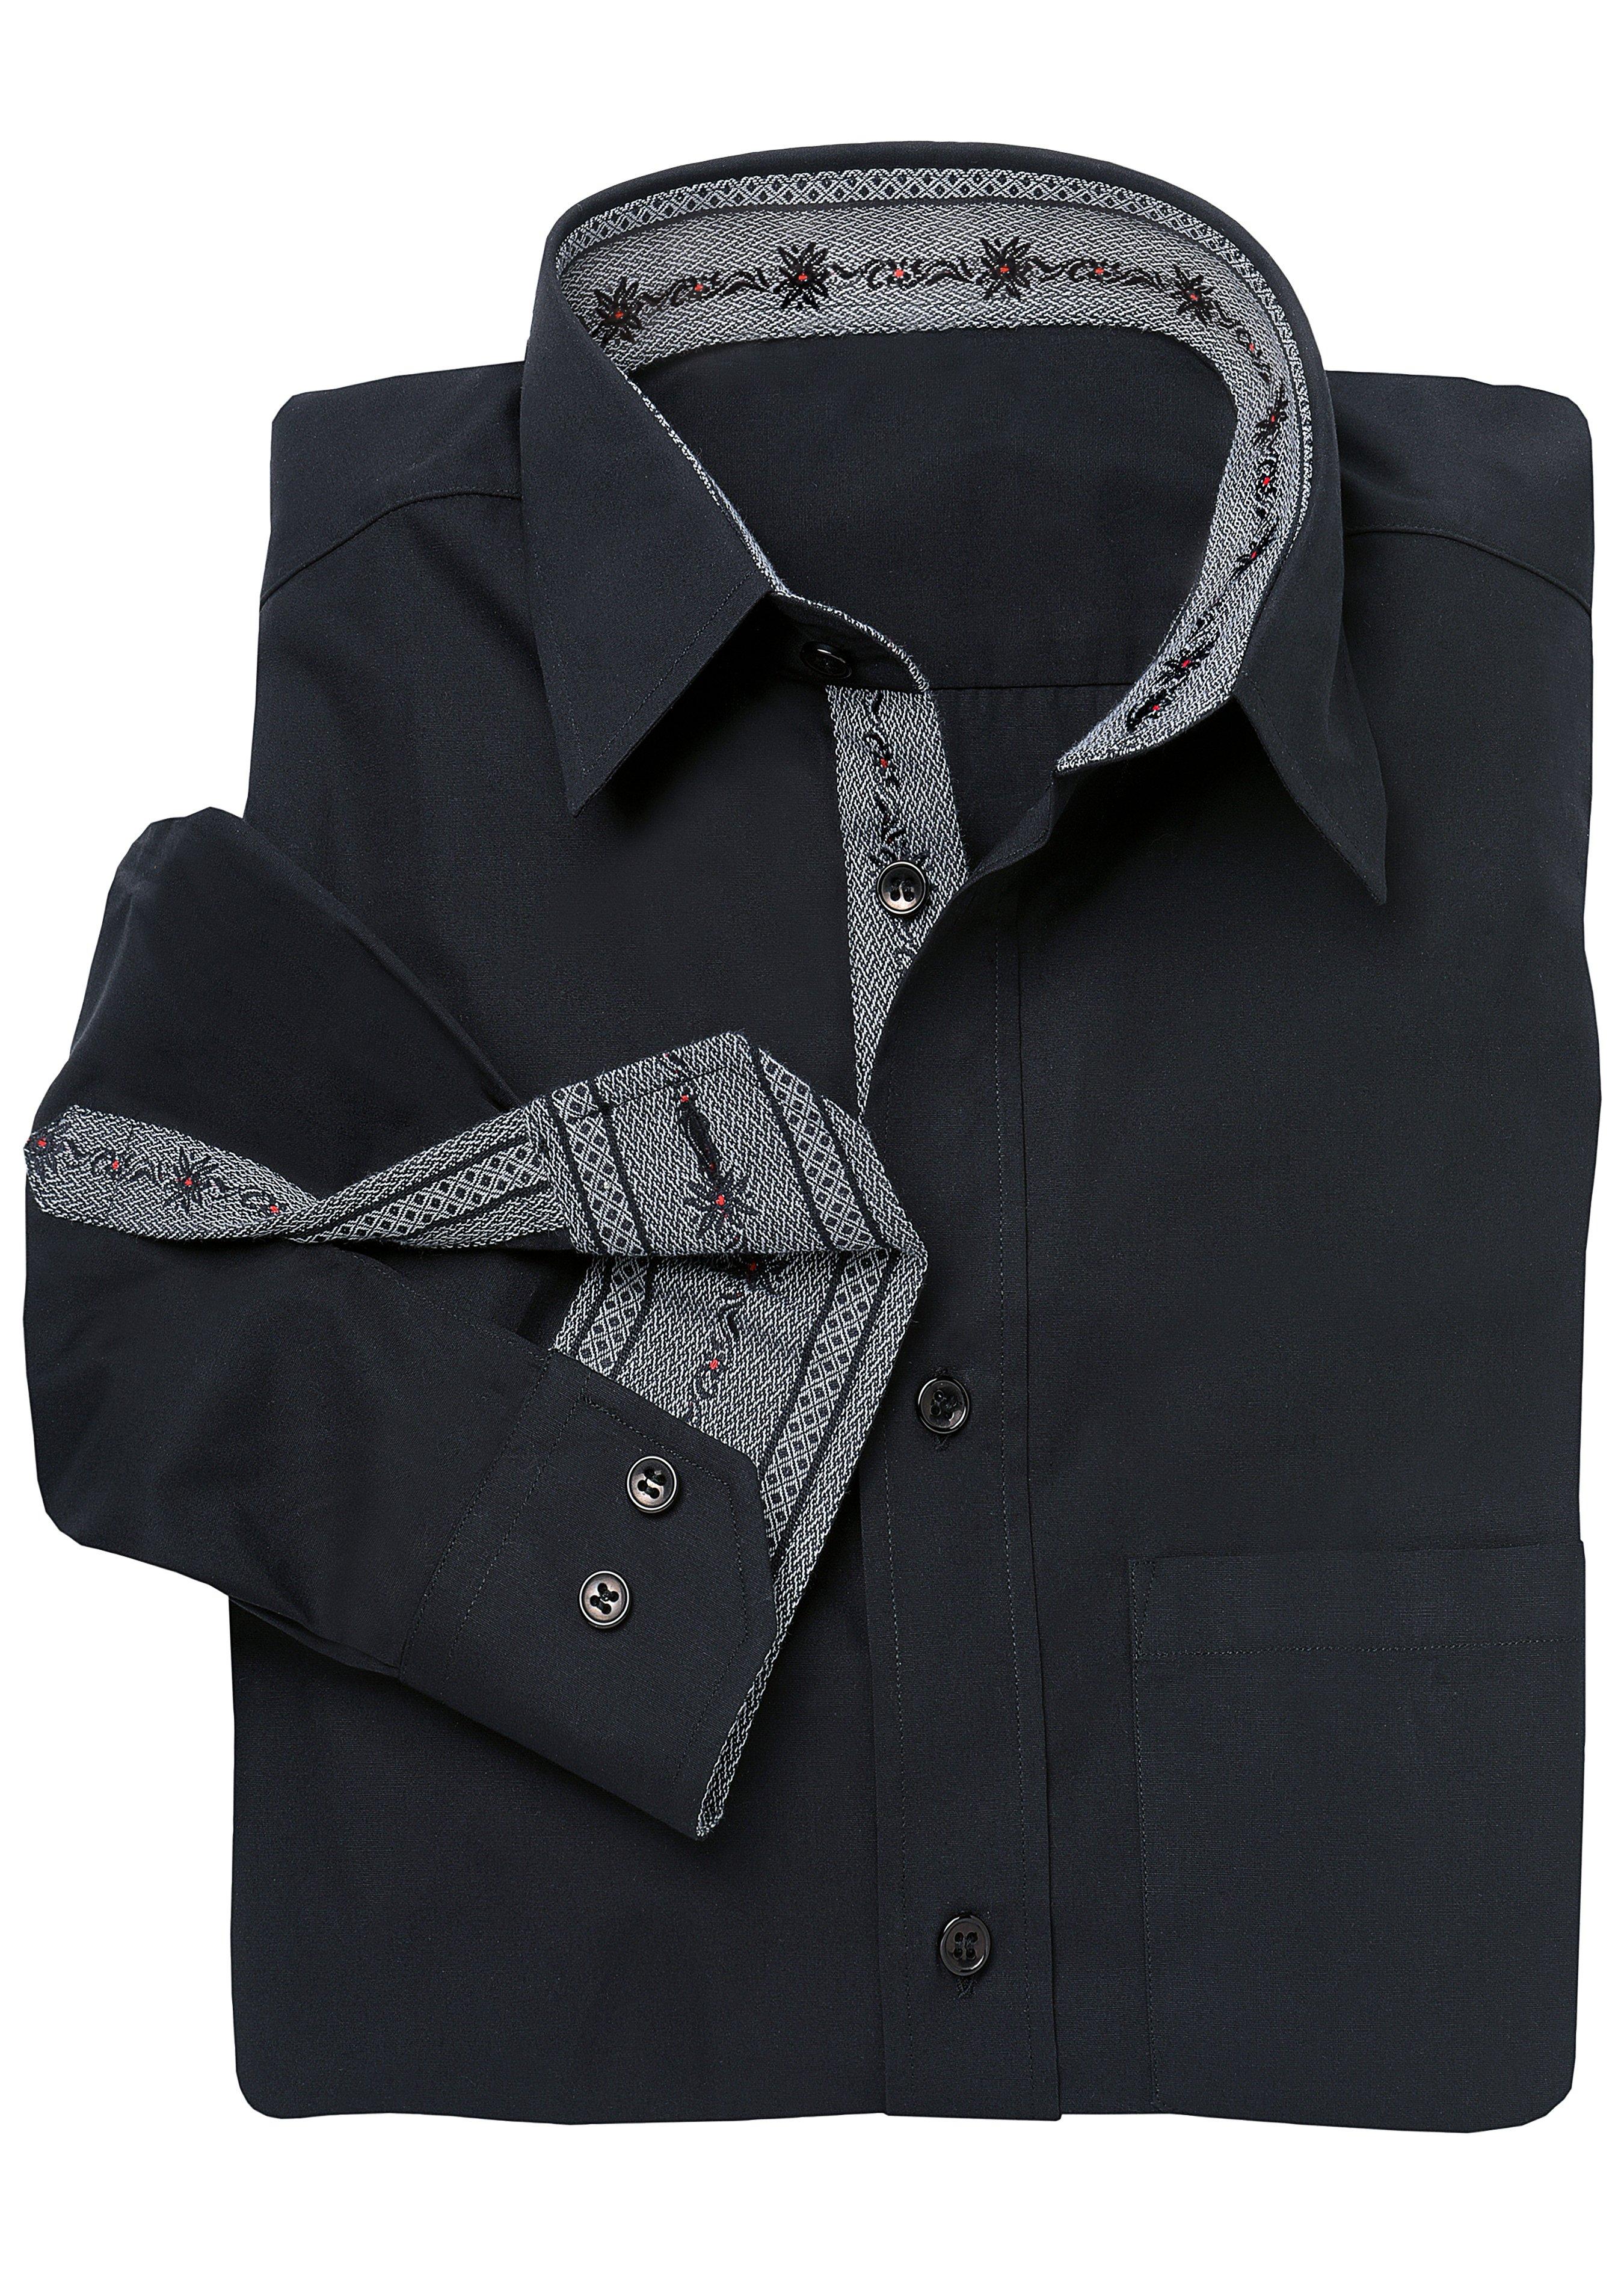 Herren-Baumwollhemd mit Edelweisseinsätzen 21251038 1